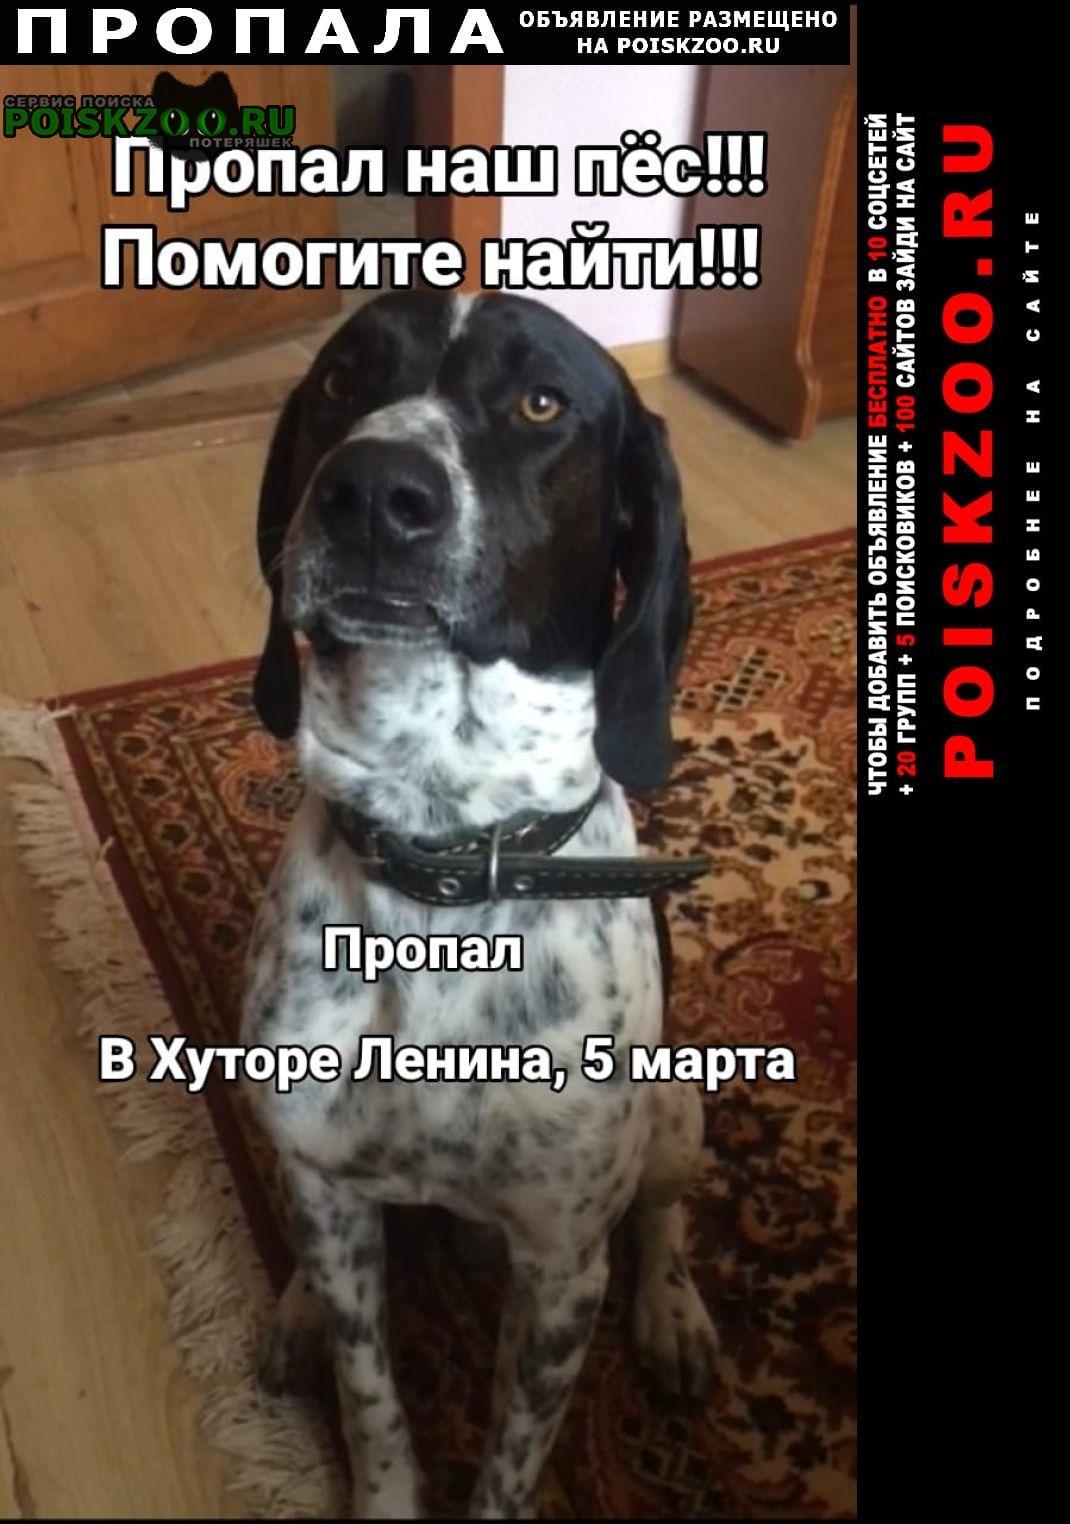 Краснодар Пропала собака кобель в хуторе ленина